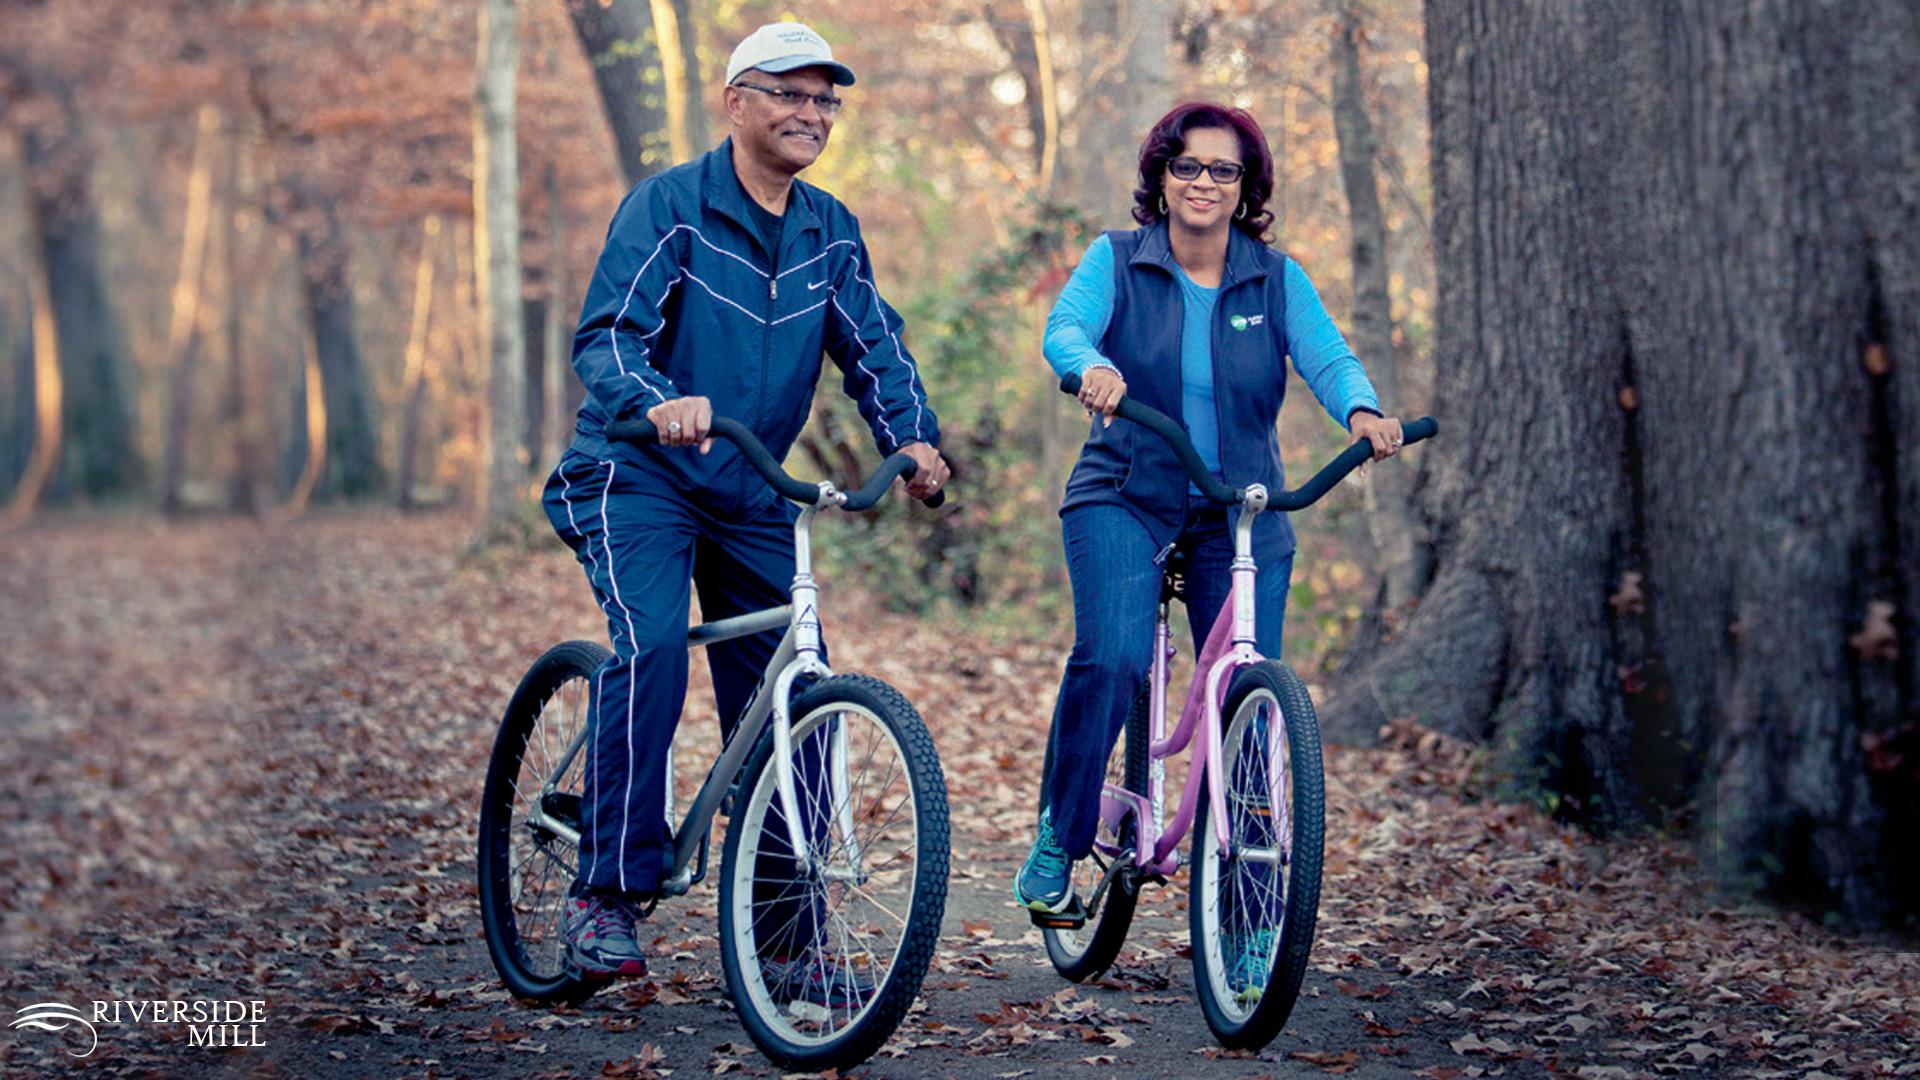 riverside-mill-bike-loan-program